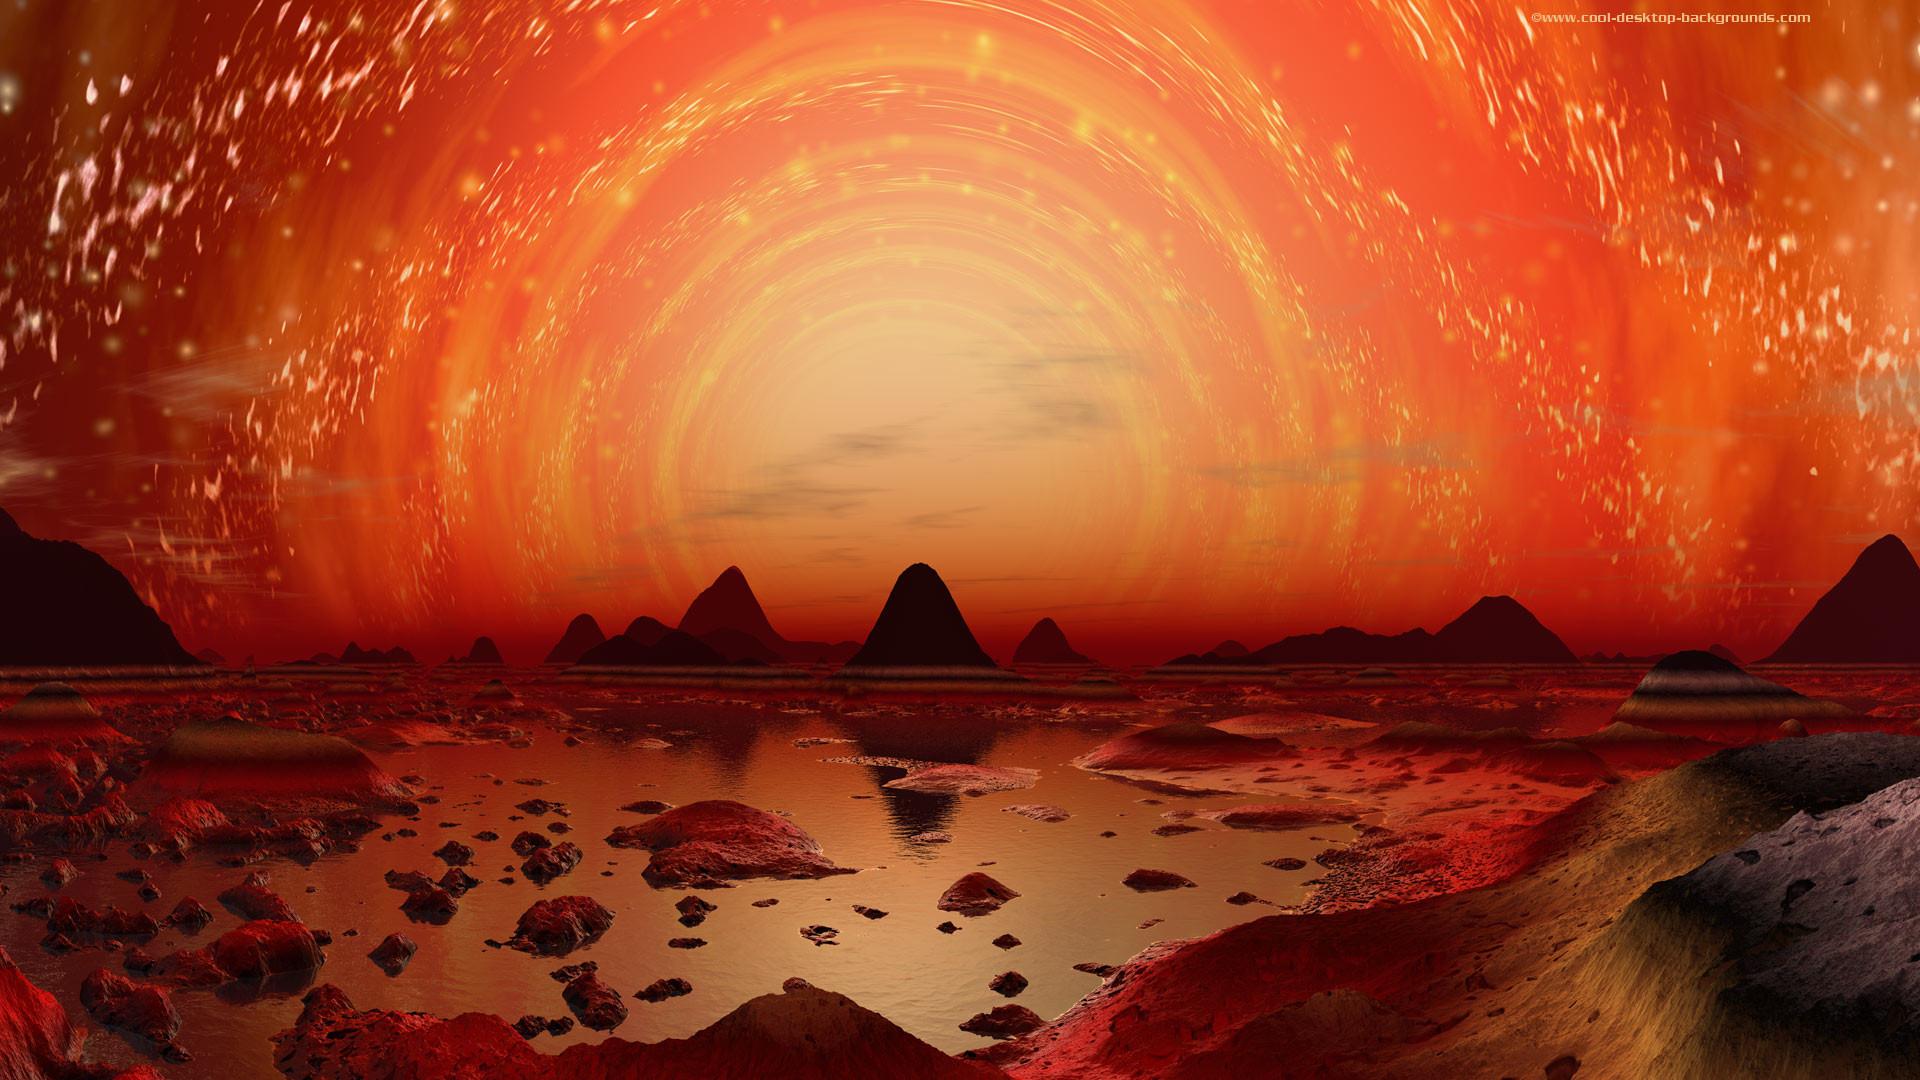 sfondi, paesaggio, alieno, mondo, scifi, desktop, pianeti, cool,